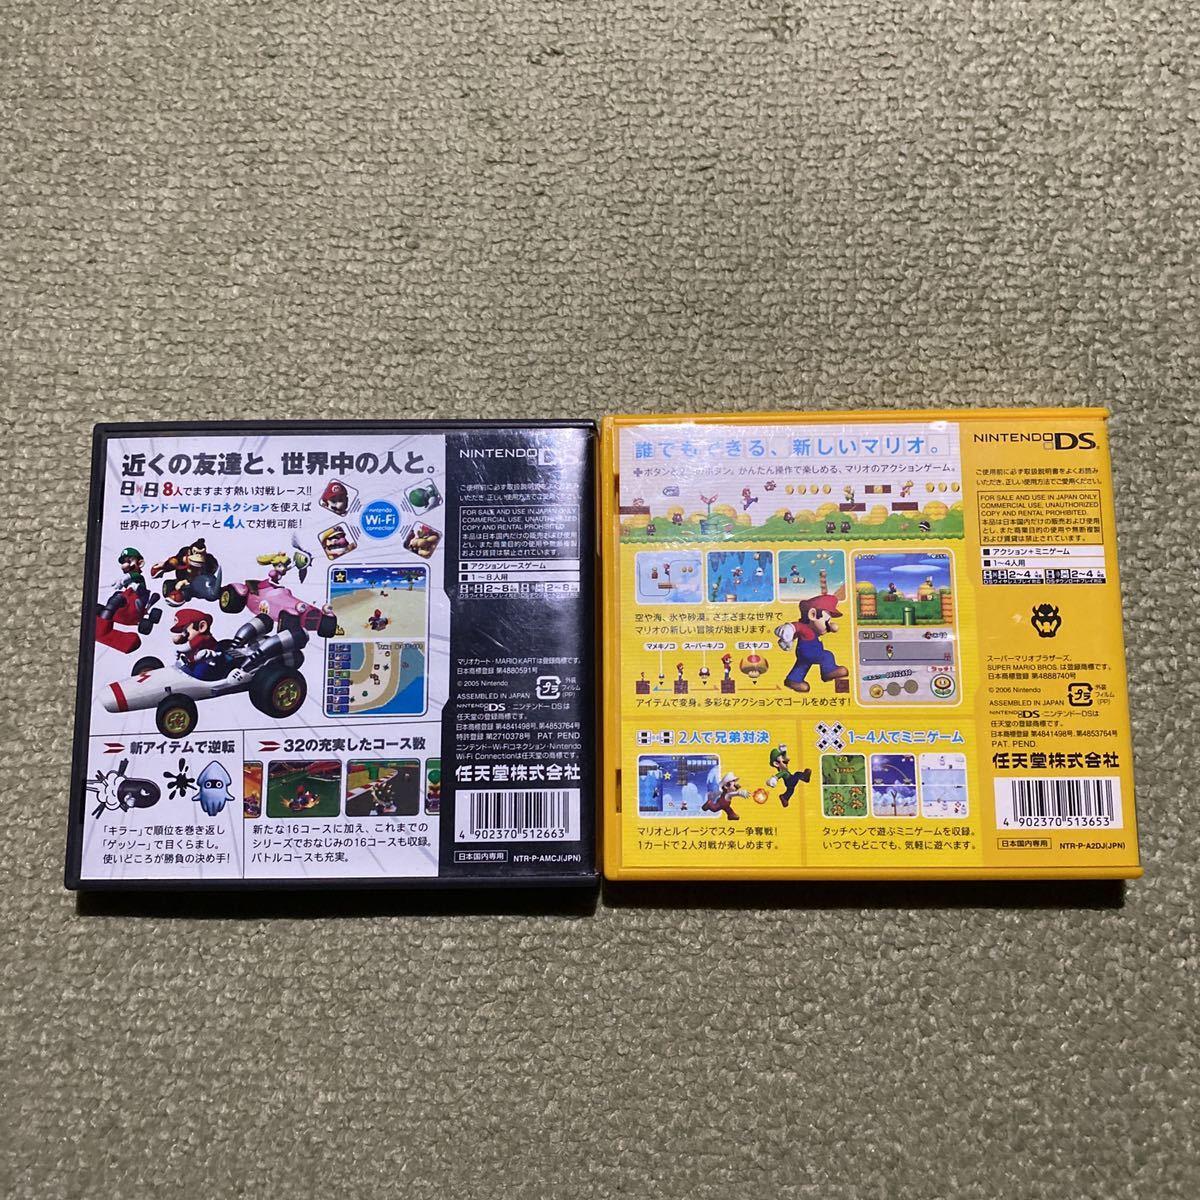 DS Newスーパーマリオブラザーズ DSマリオカート